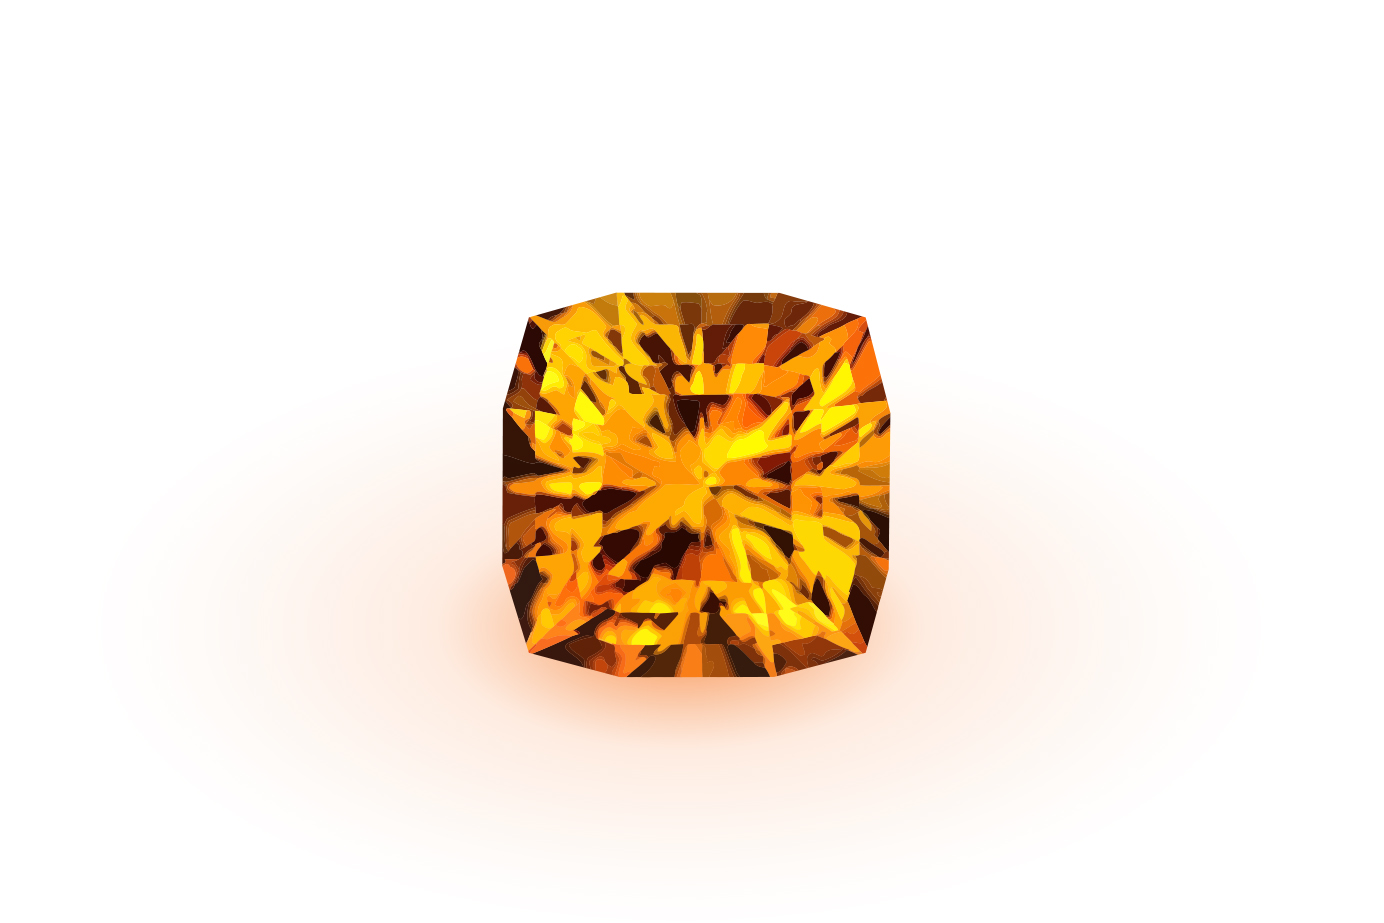 黄金色に輝き 財を呼び寄せるとも言われる11月の誕生石シトリン